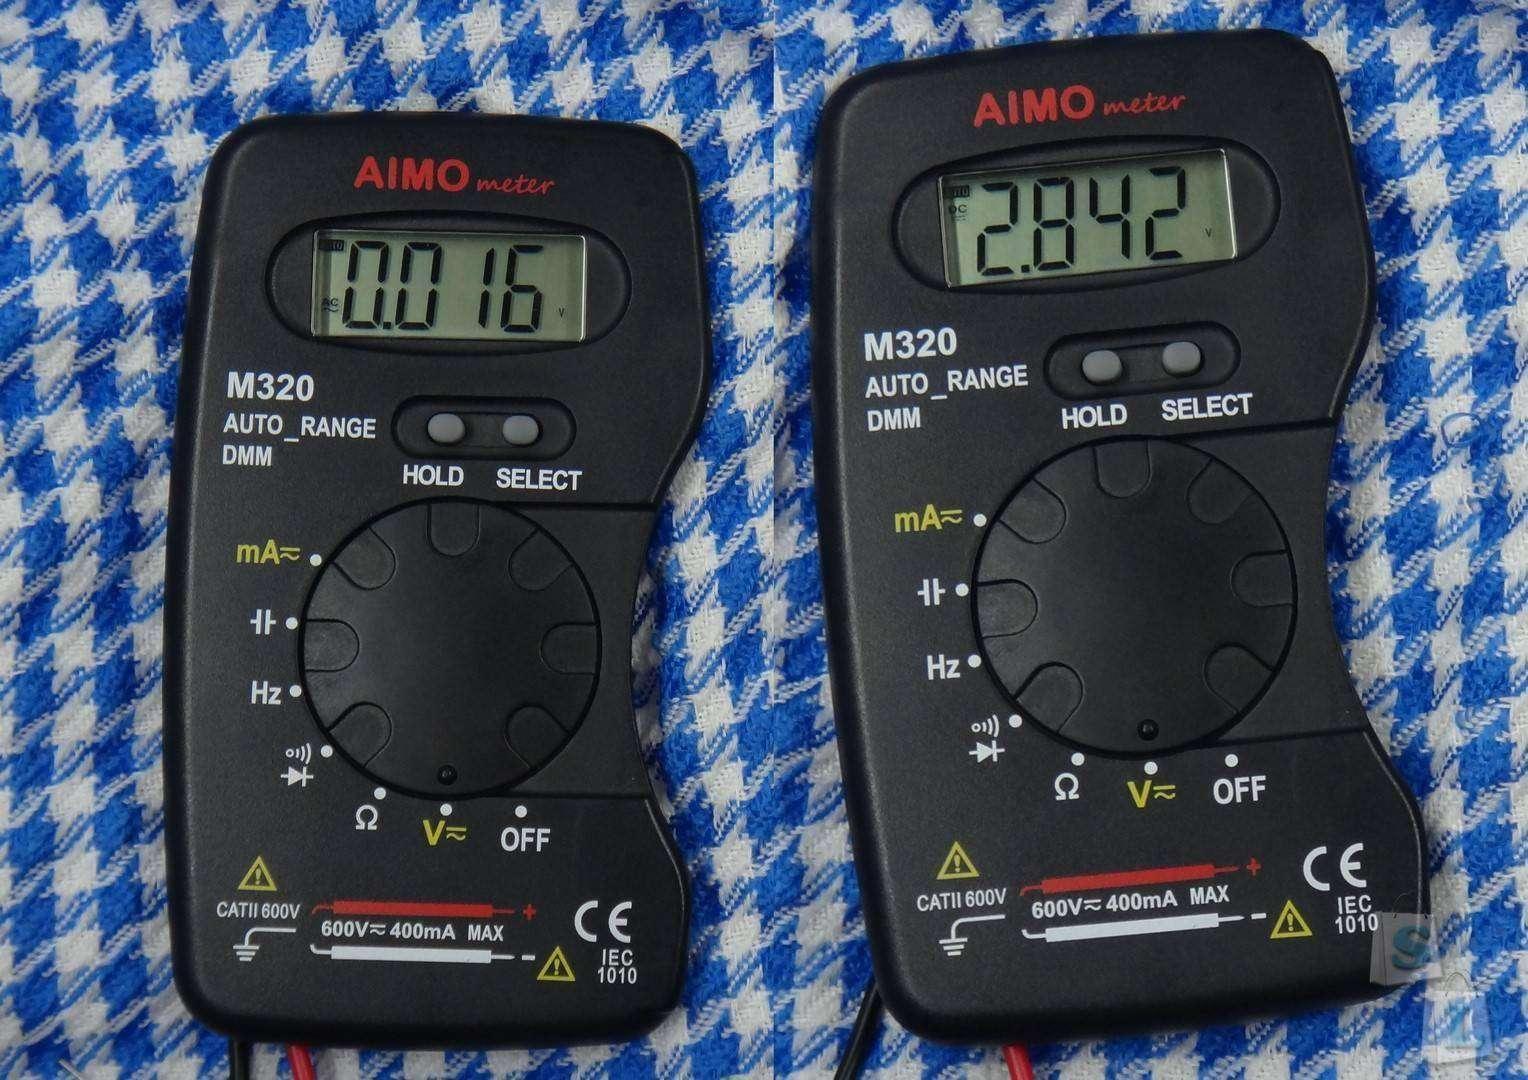 GearBest: Цифровой электронный мультиметр AMIO meter M320 с автоматическим выбором пределов измерений